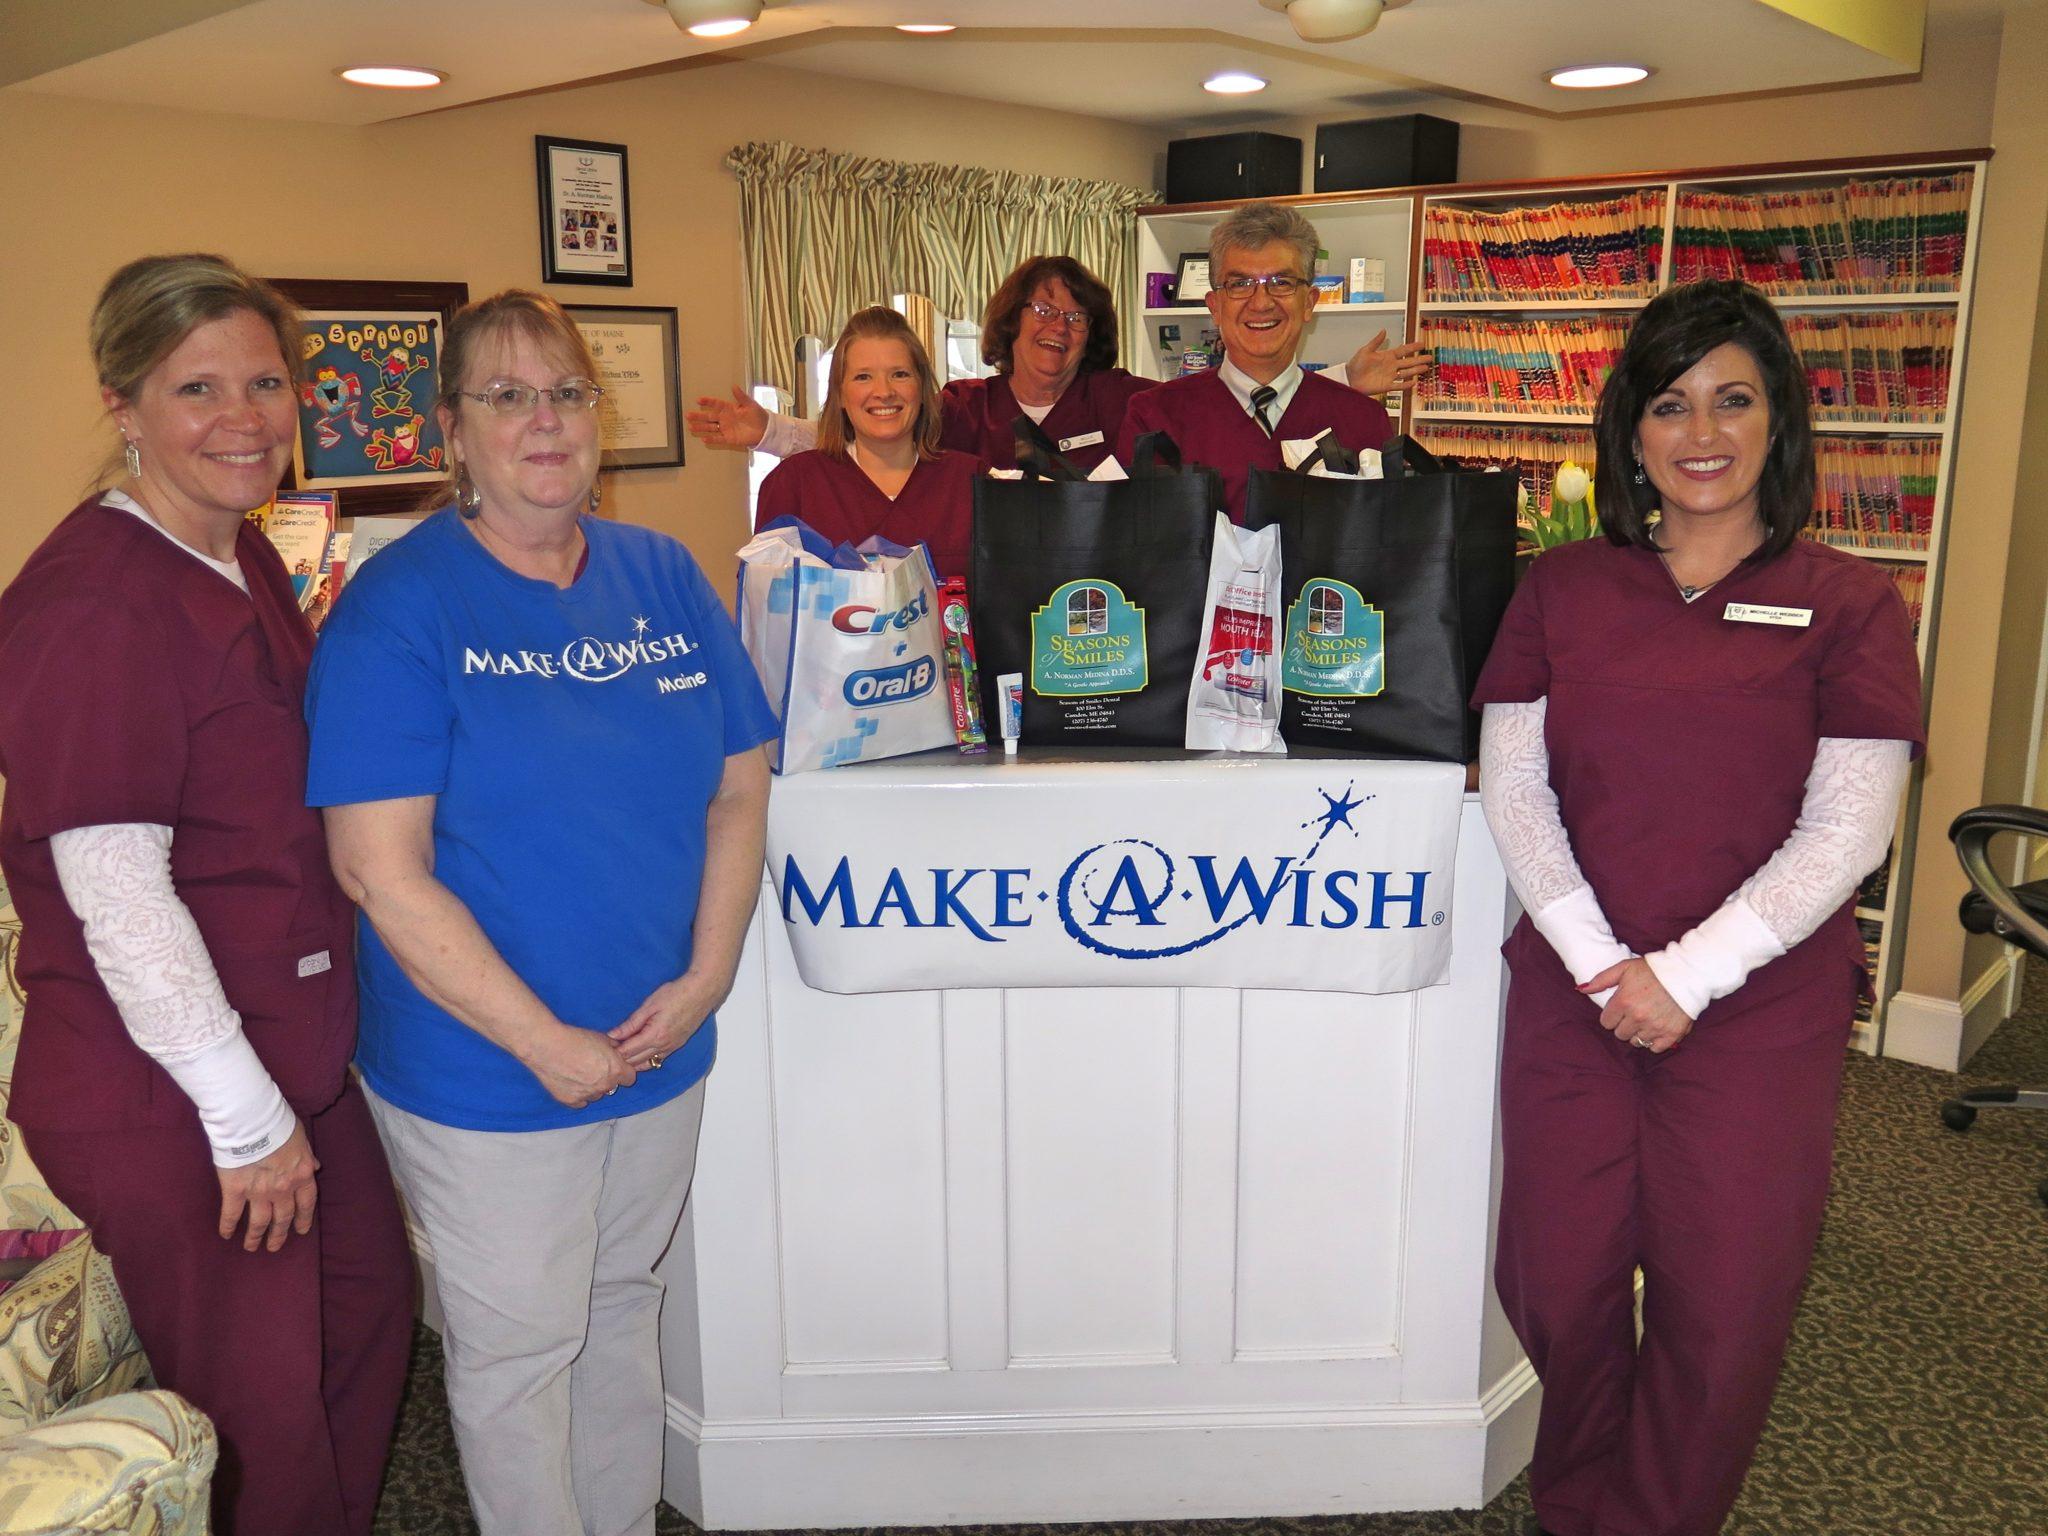 Make a Wish visits Seasons of Smiles Dental